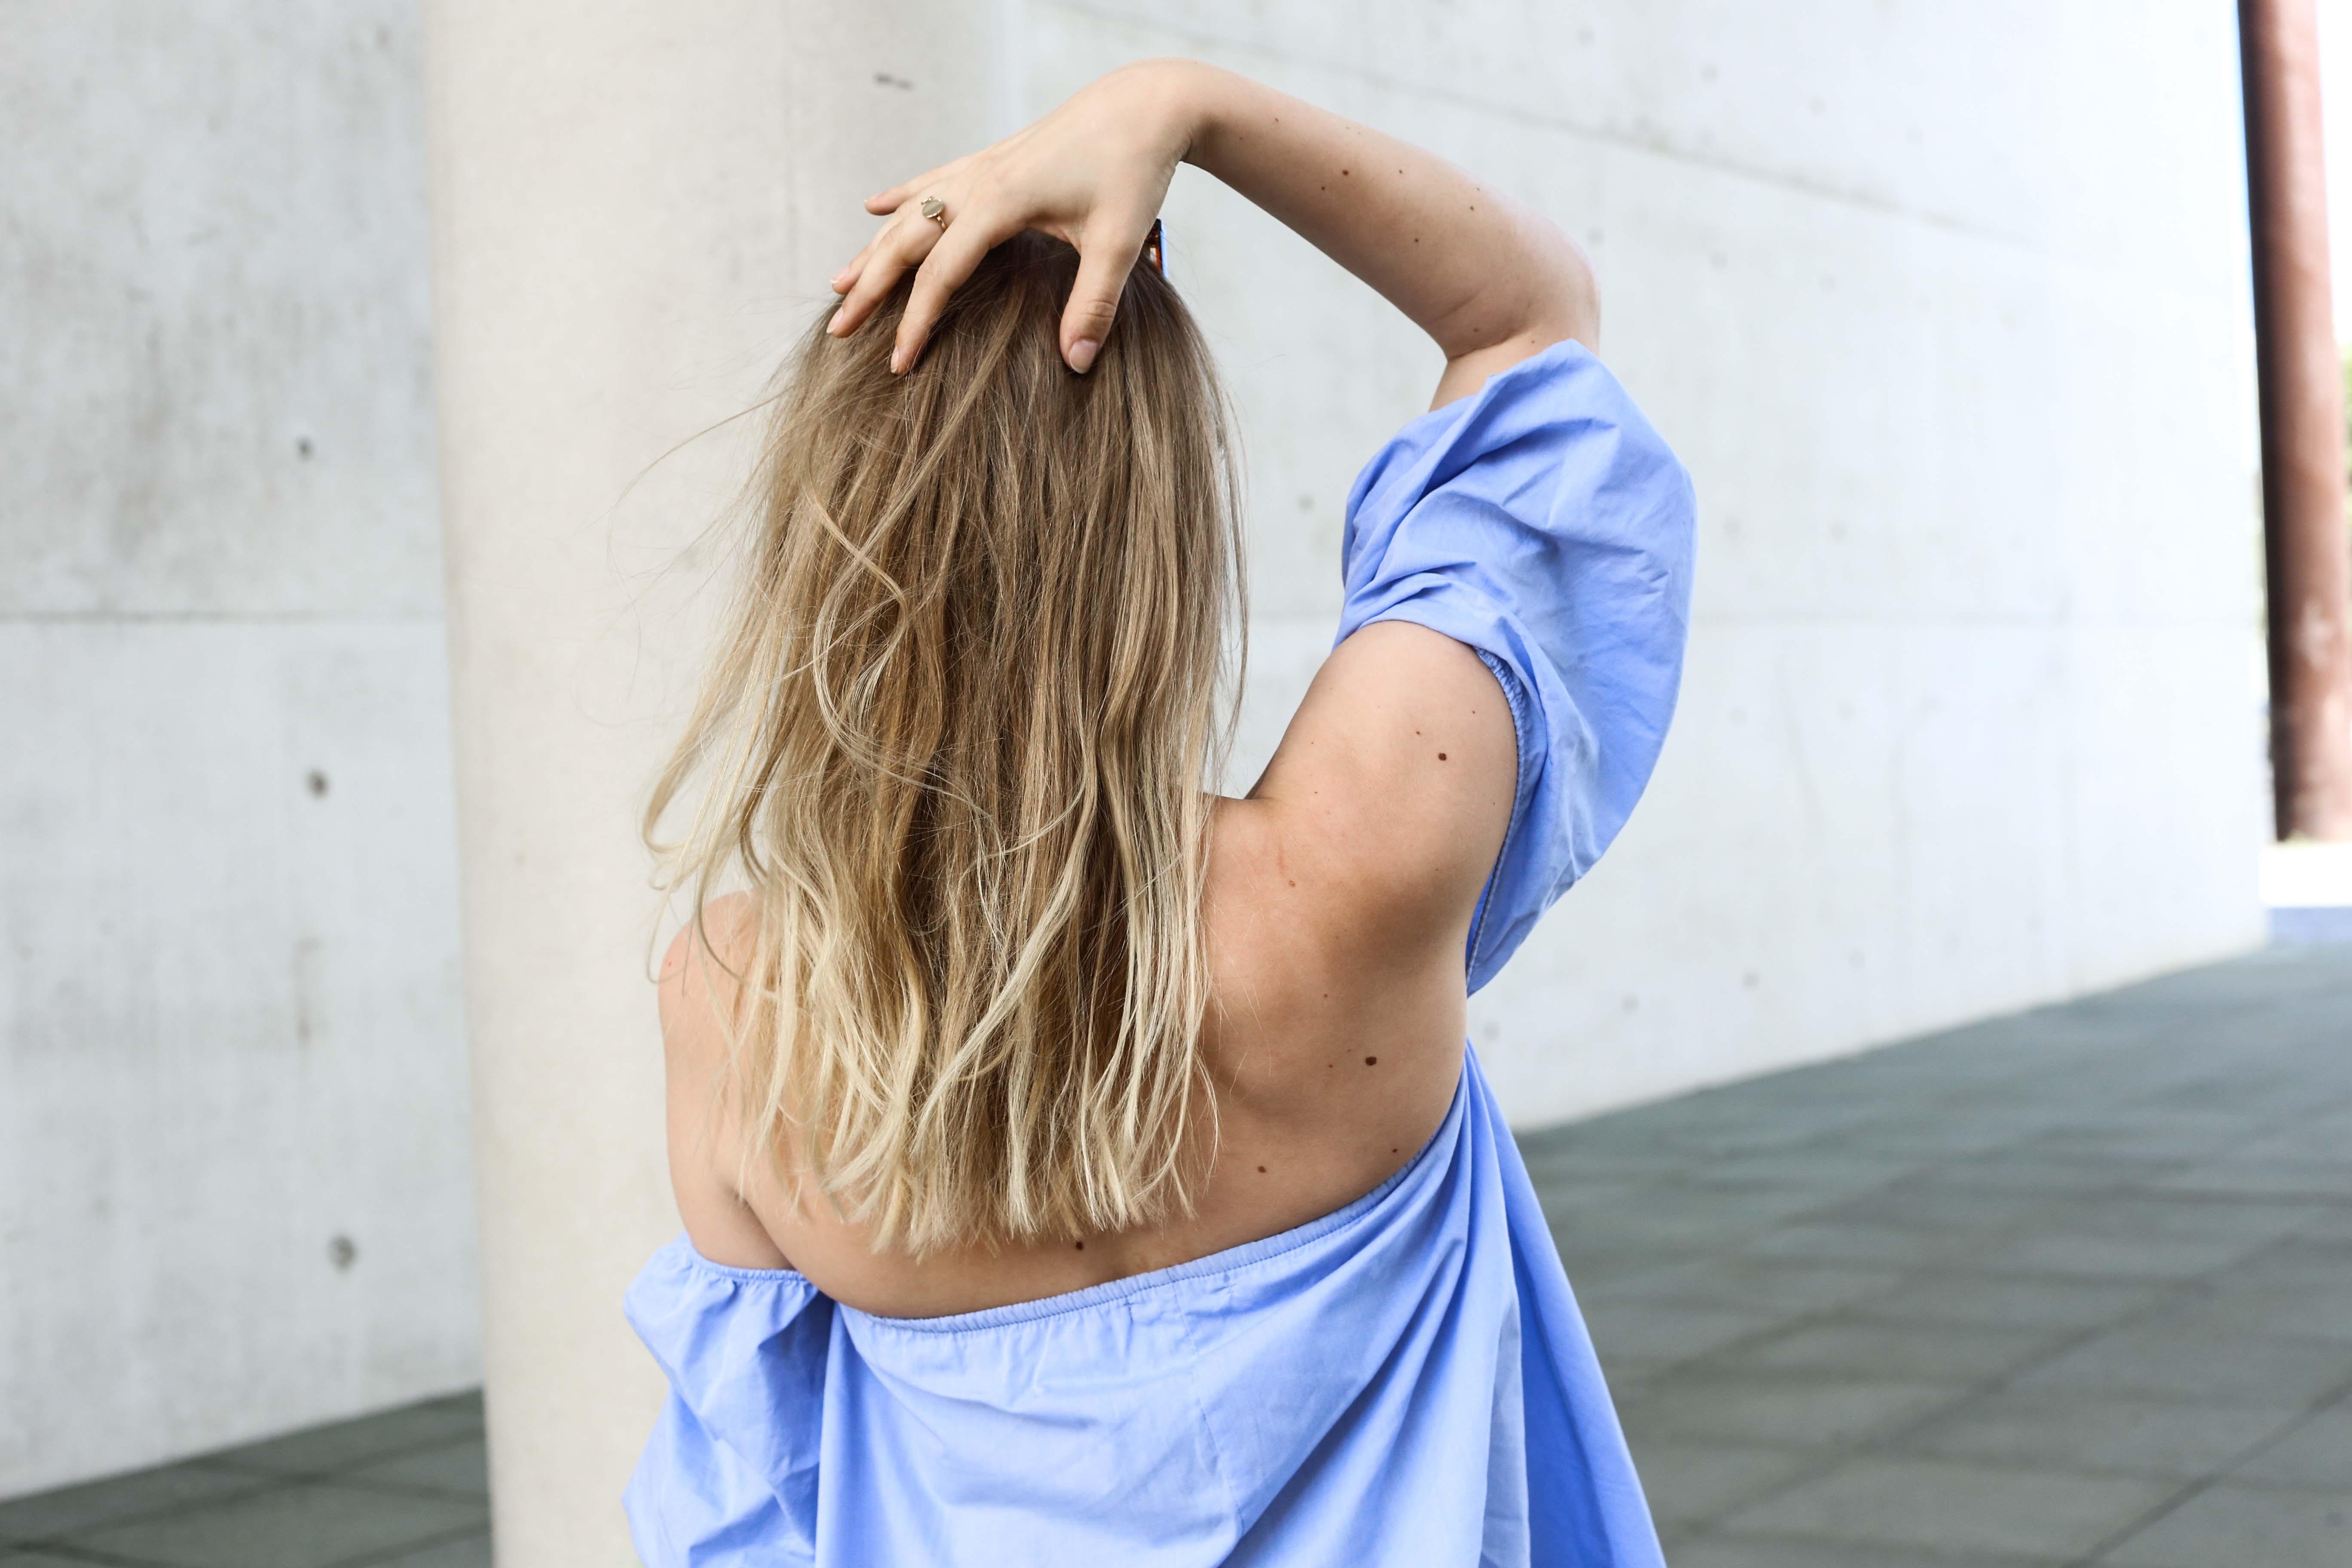 off-shoulder-fransenjeans-outfit-babouches-fashionblogger-modeblog-köln-berlin-modeblogger_7361